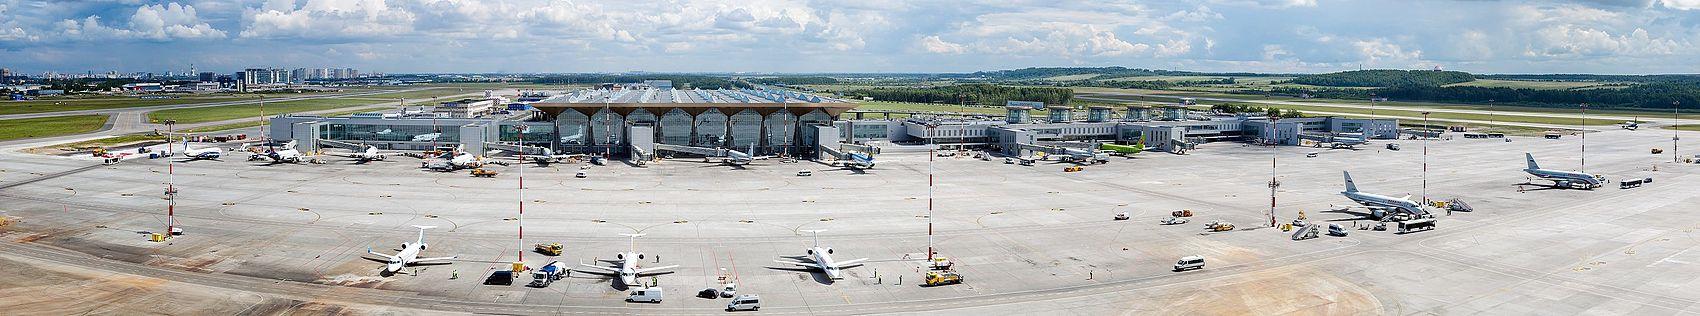 Четырехбуквенные Коды Аэропортов